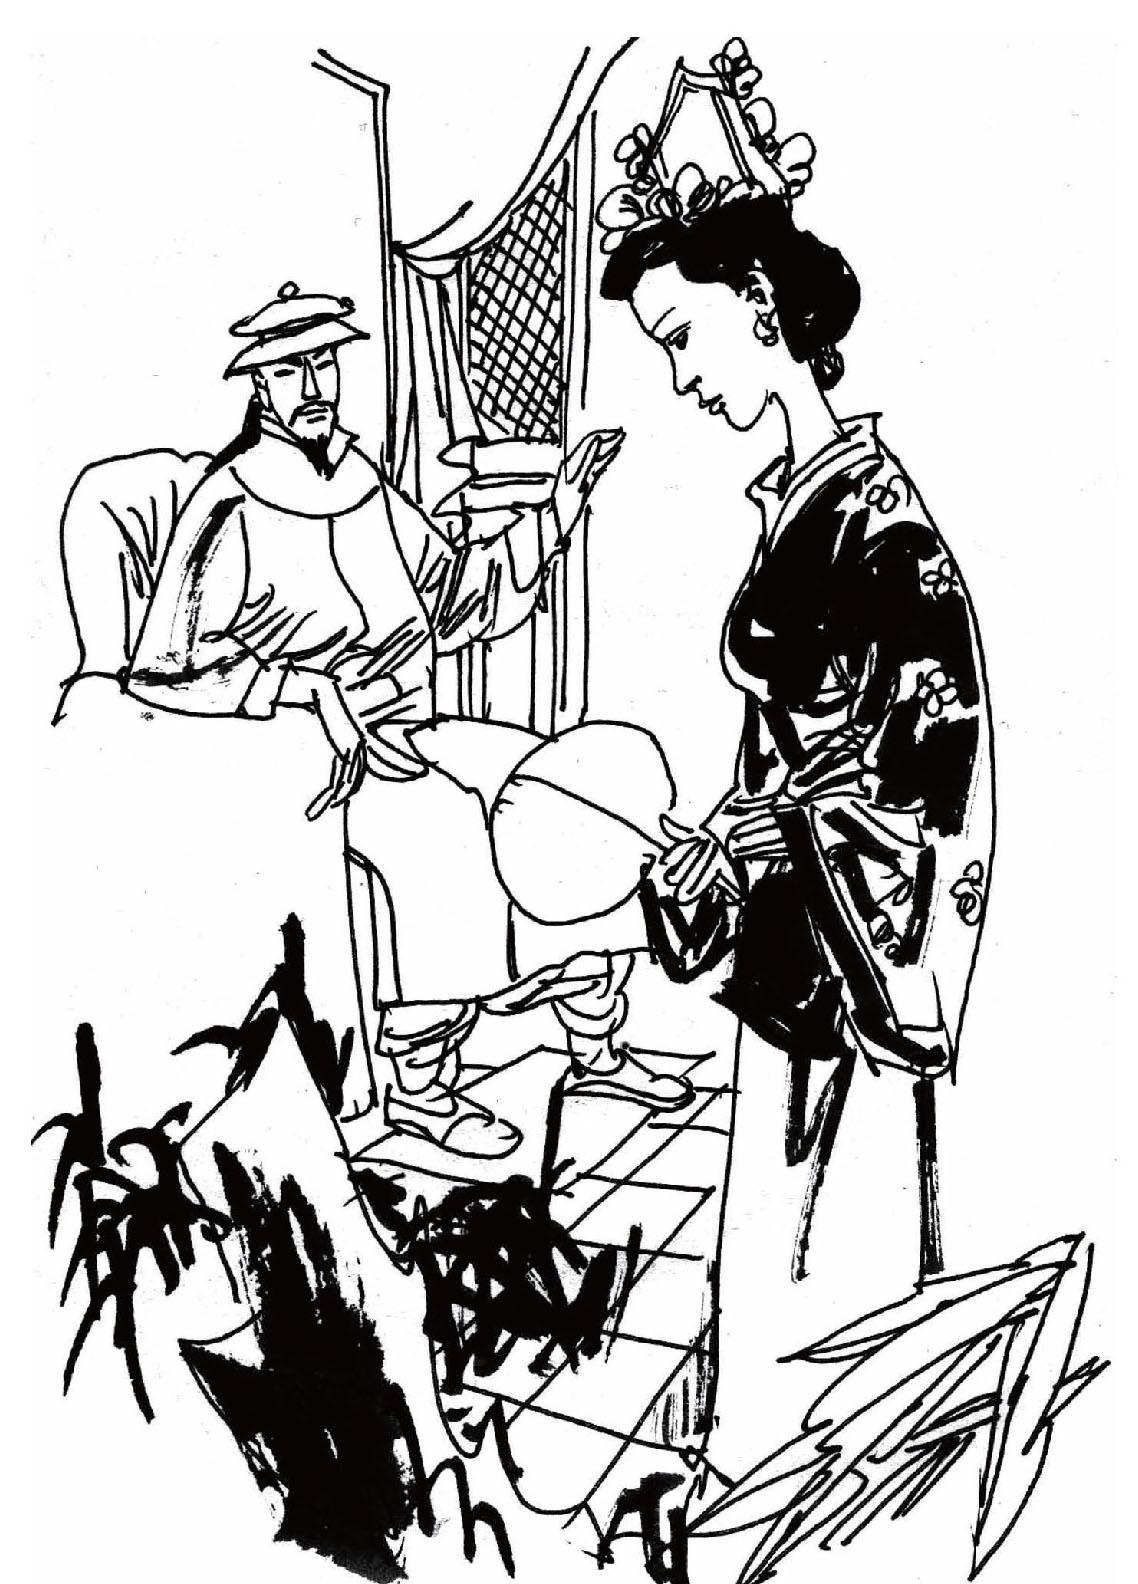 简笔画 设计 矢量 矢量图 手绘 素材 线稿 1138_1584 竖版 竖屏